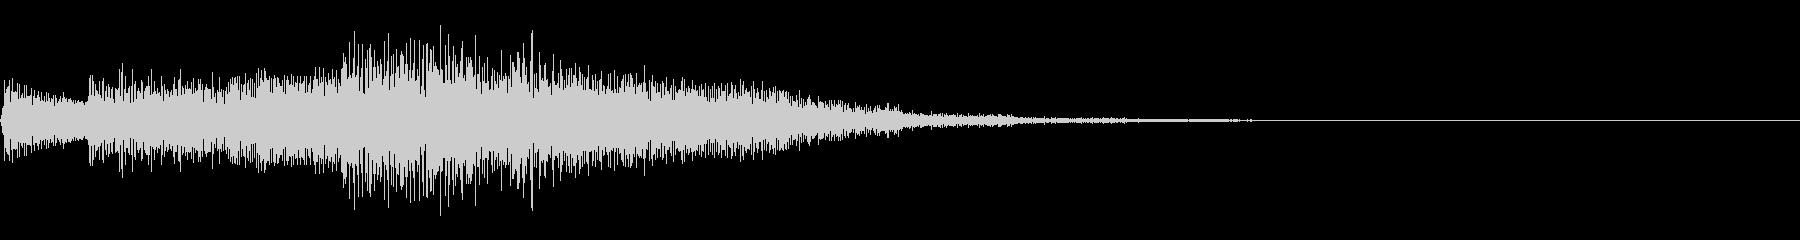 チャララララ(回復クリア/ファミコン#3の未再生の波形